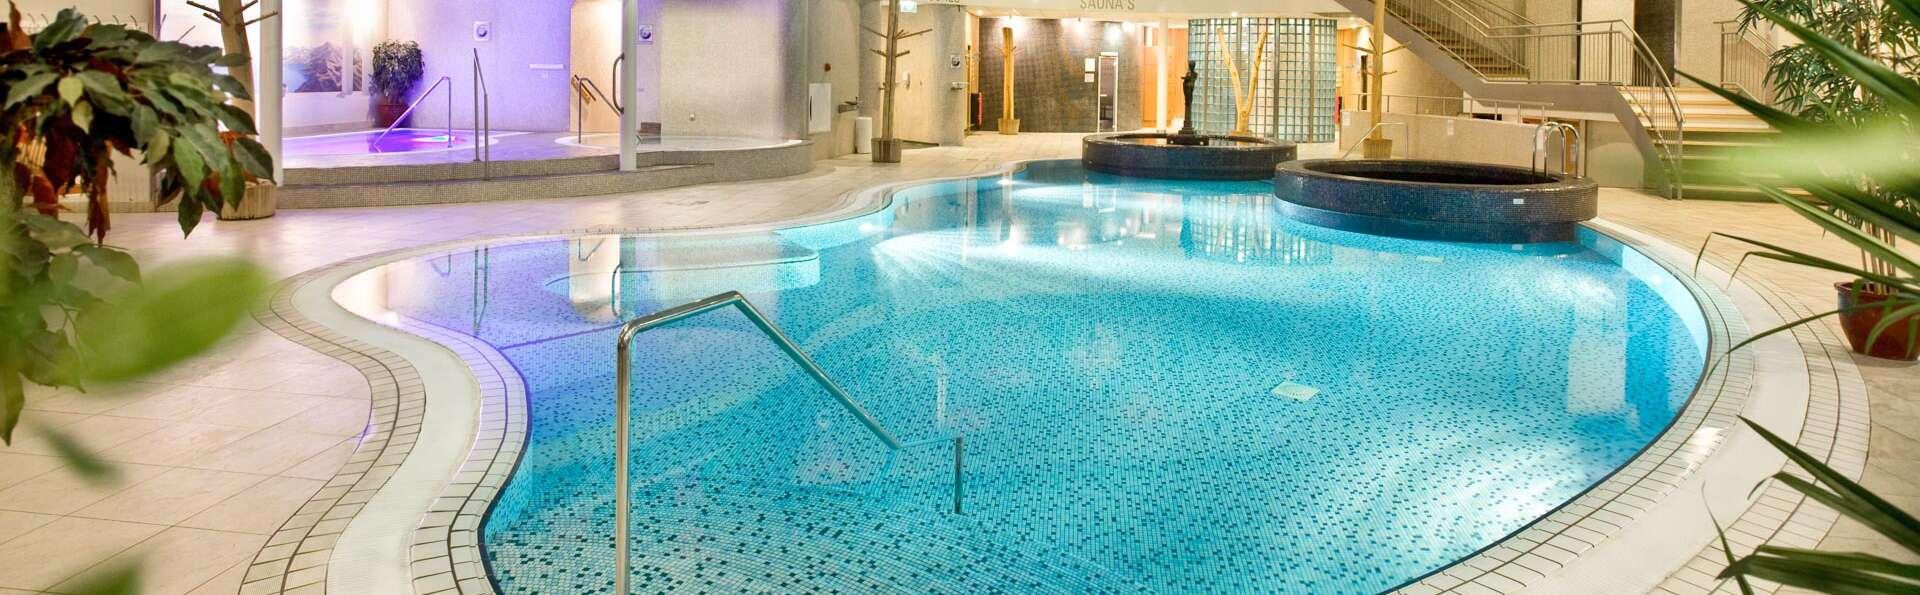 Pure détente chez Thermen et vue sur l'eau depuis votre chambre d'hôtel